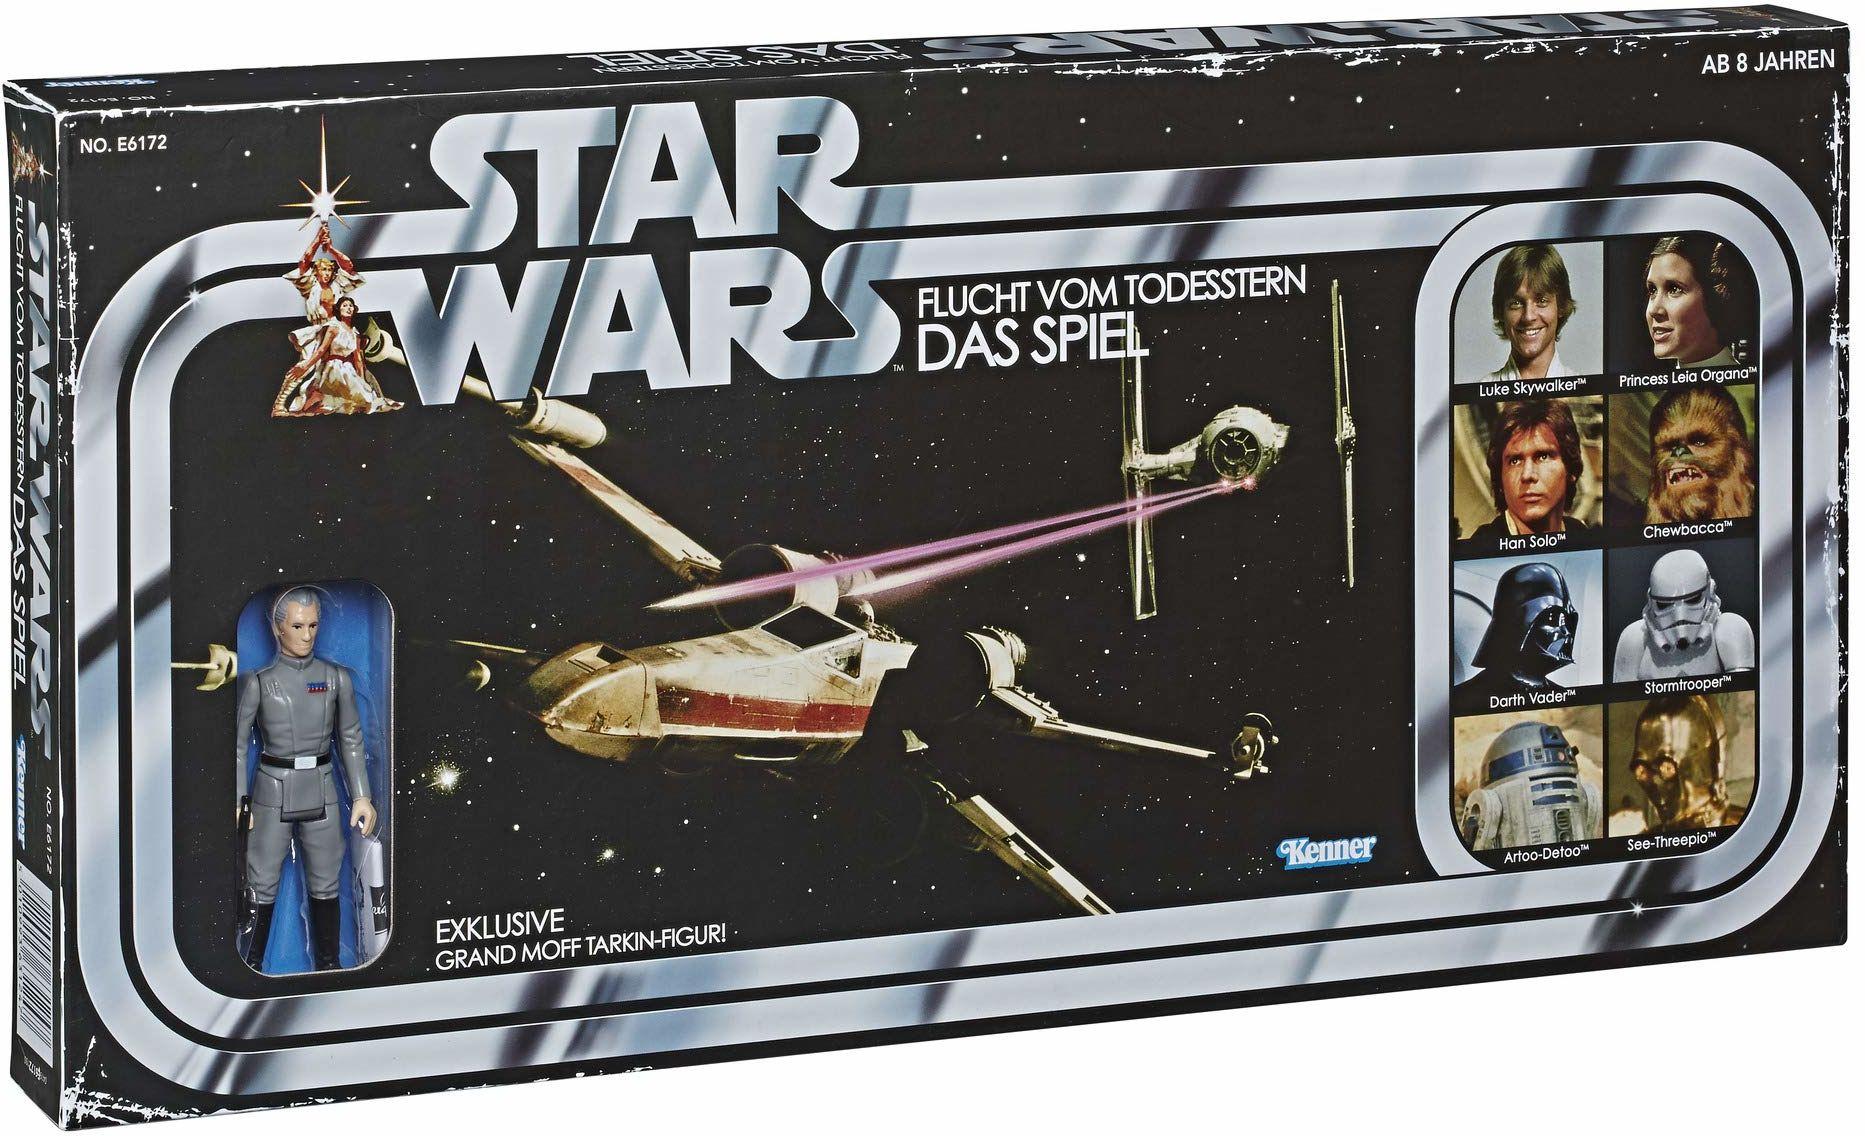 Star Wars Retro Game ucieczka od Gwiazdy Śmierci z ekskluzywną figurką tarkina, od 8 lat